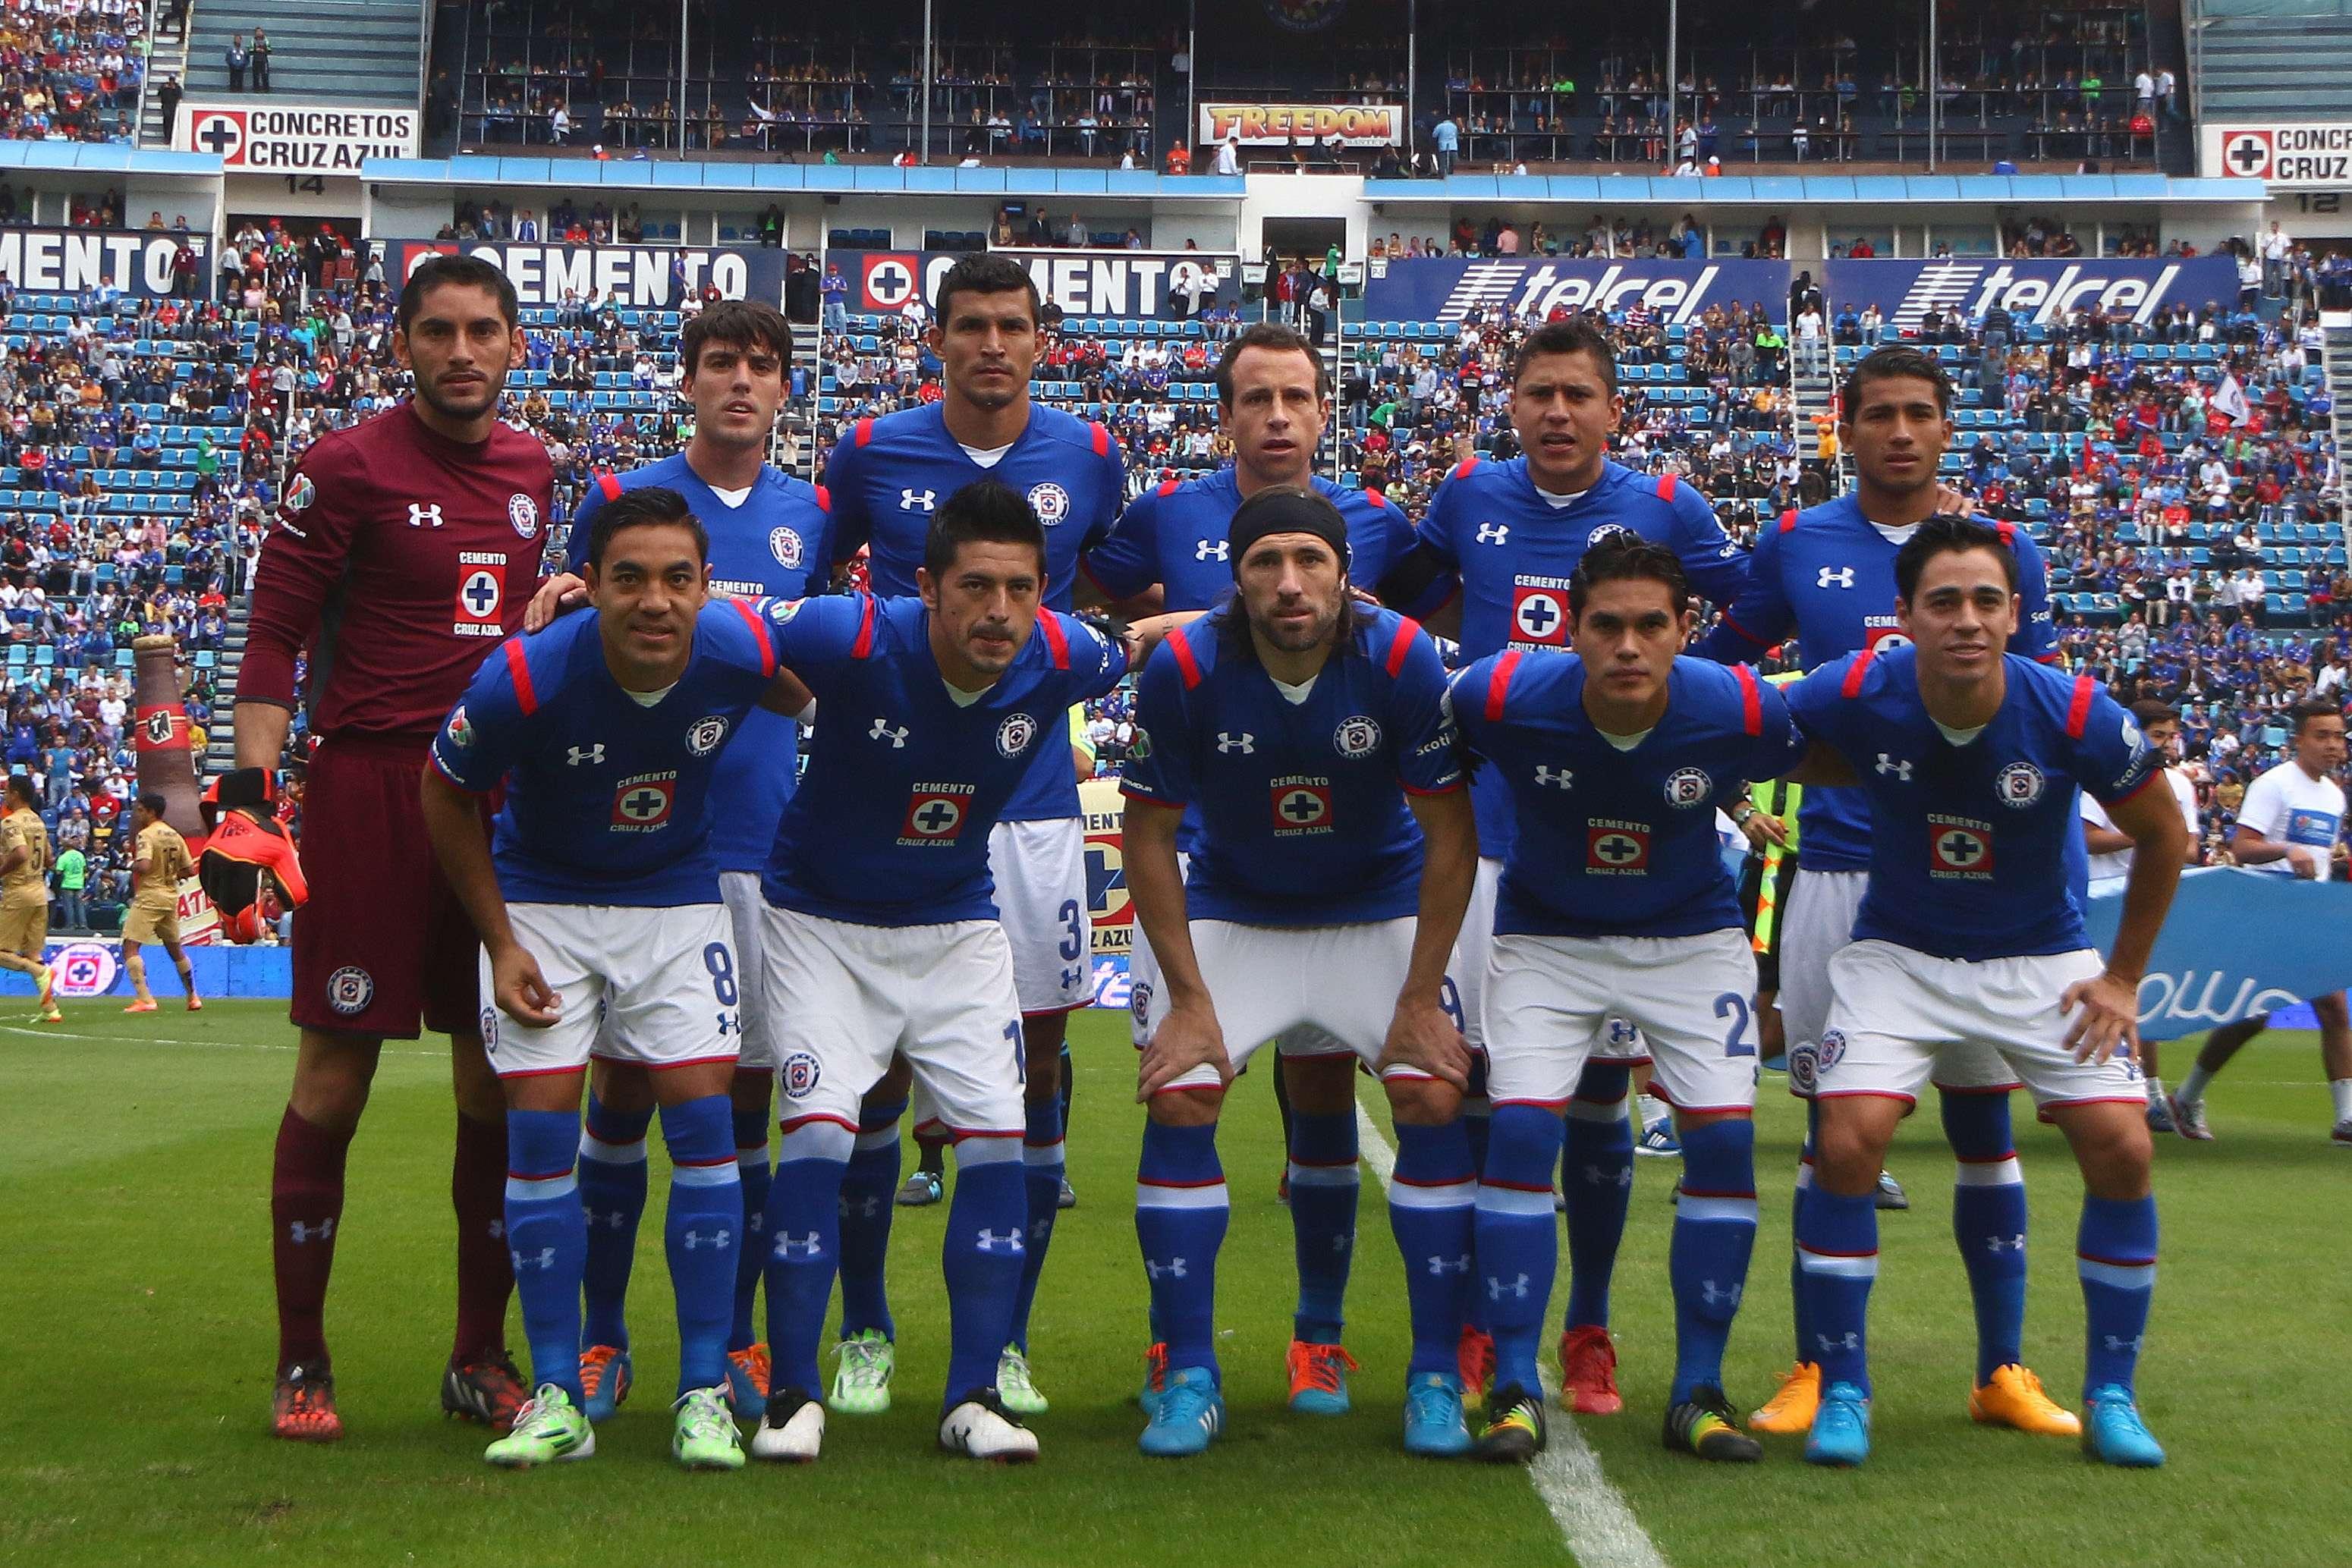 La única baja sensible del Cruz Azul es Luis Amaranto Perea (lesioando). Foto: imago7